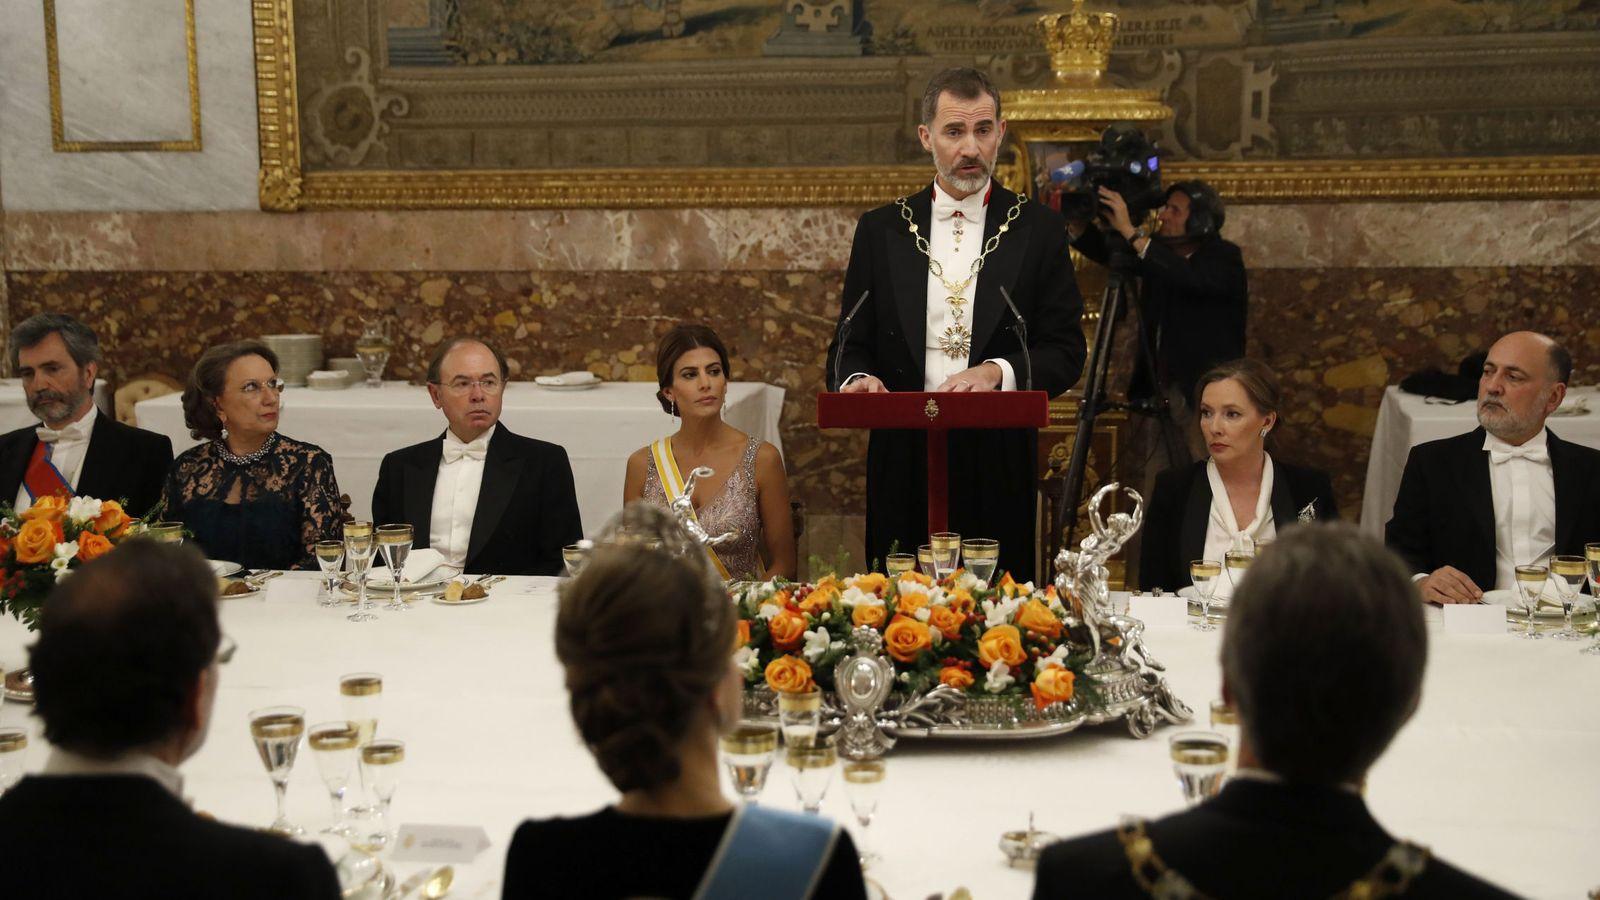 Visita De Macri Y Juliana Awada A España La Plana Política Empresarial Y Carmena Arropan A Los Reyes Y Macri En Palacio Real